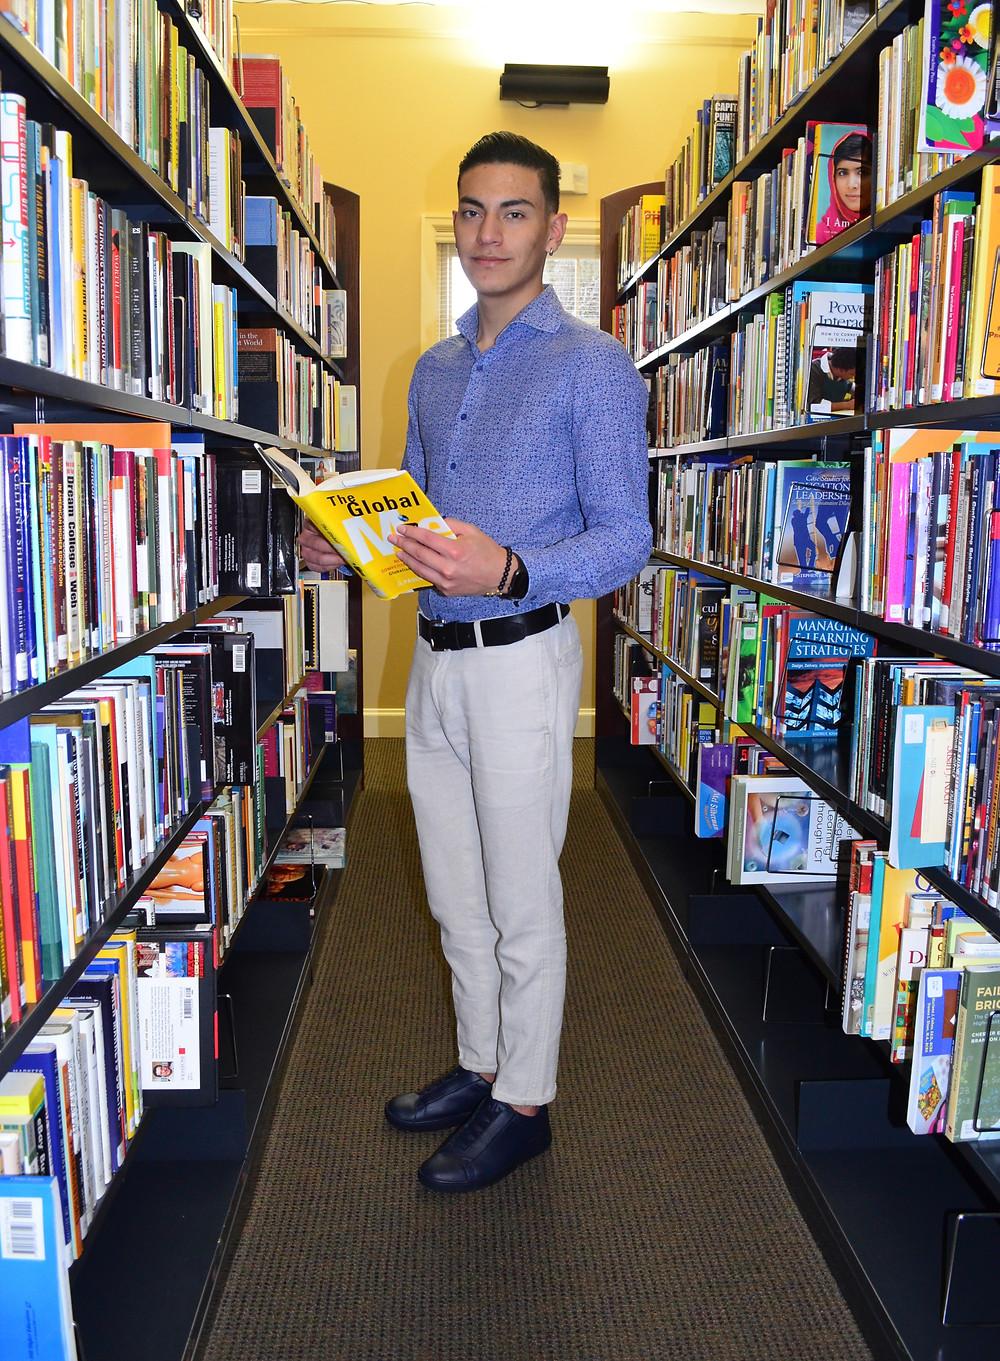 Juan José Ariopaias Suquitana, estudiante ecuatoriano que desde seis meses es estudiante de Sullivan University (Foto Yolanda Williams).